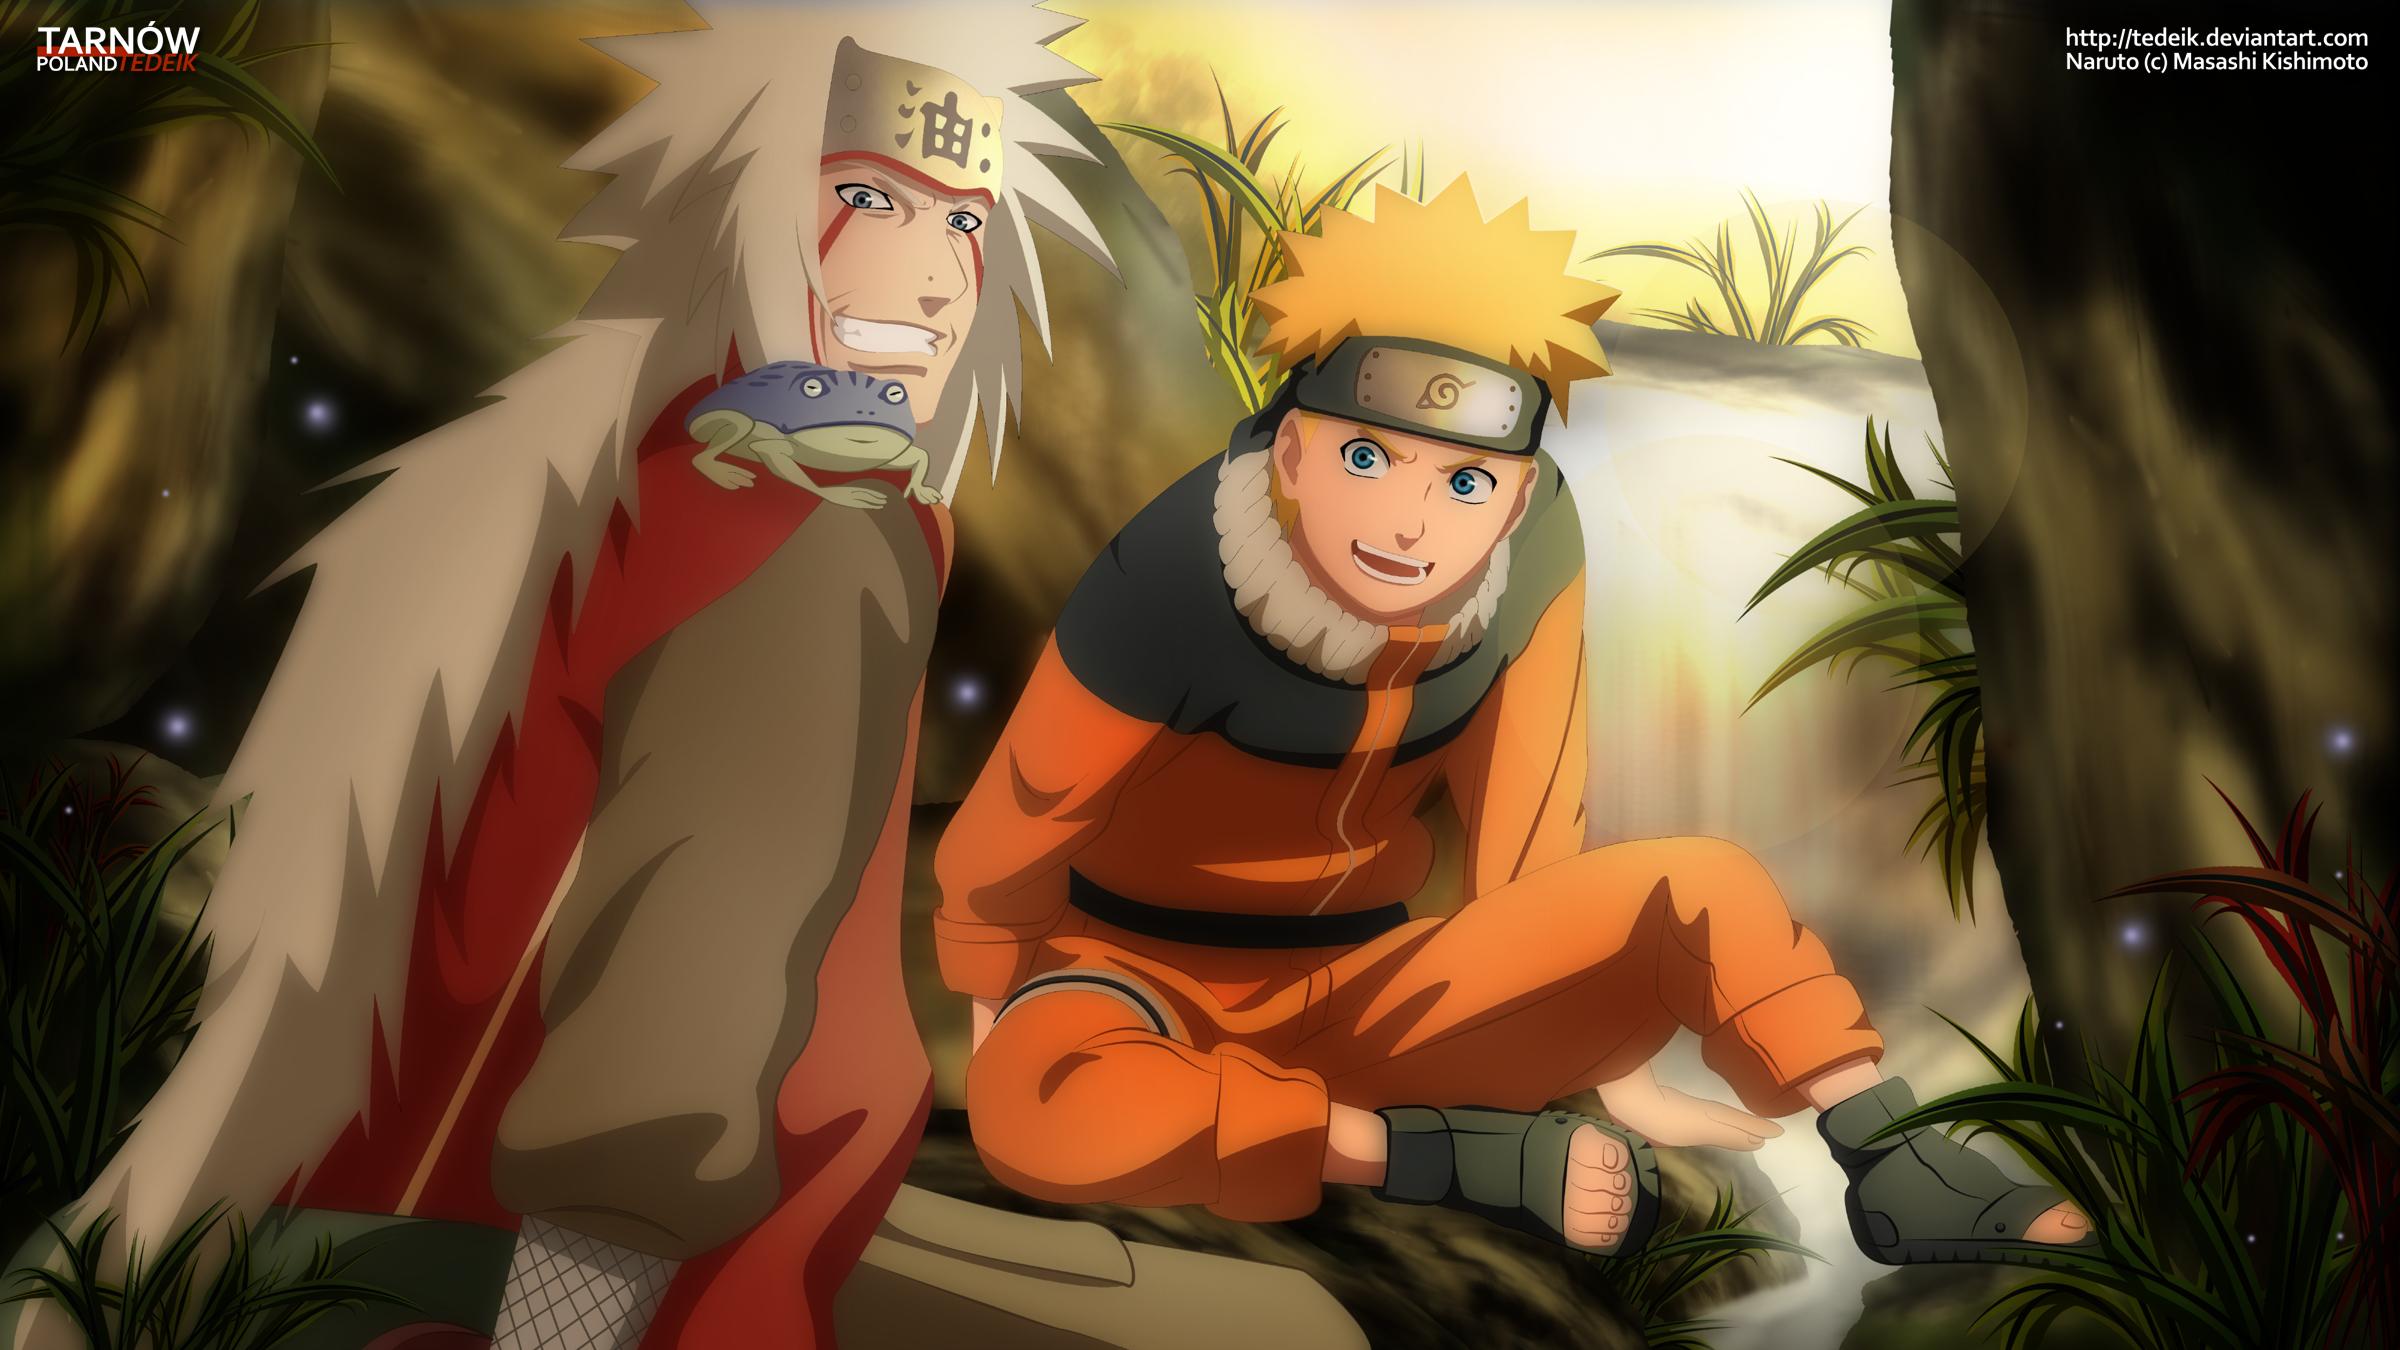 Anime Naruto Naruto Uzumaki Jiraiya Wallpaper